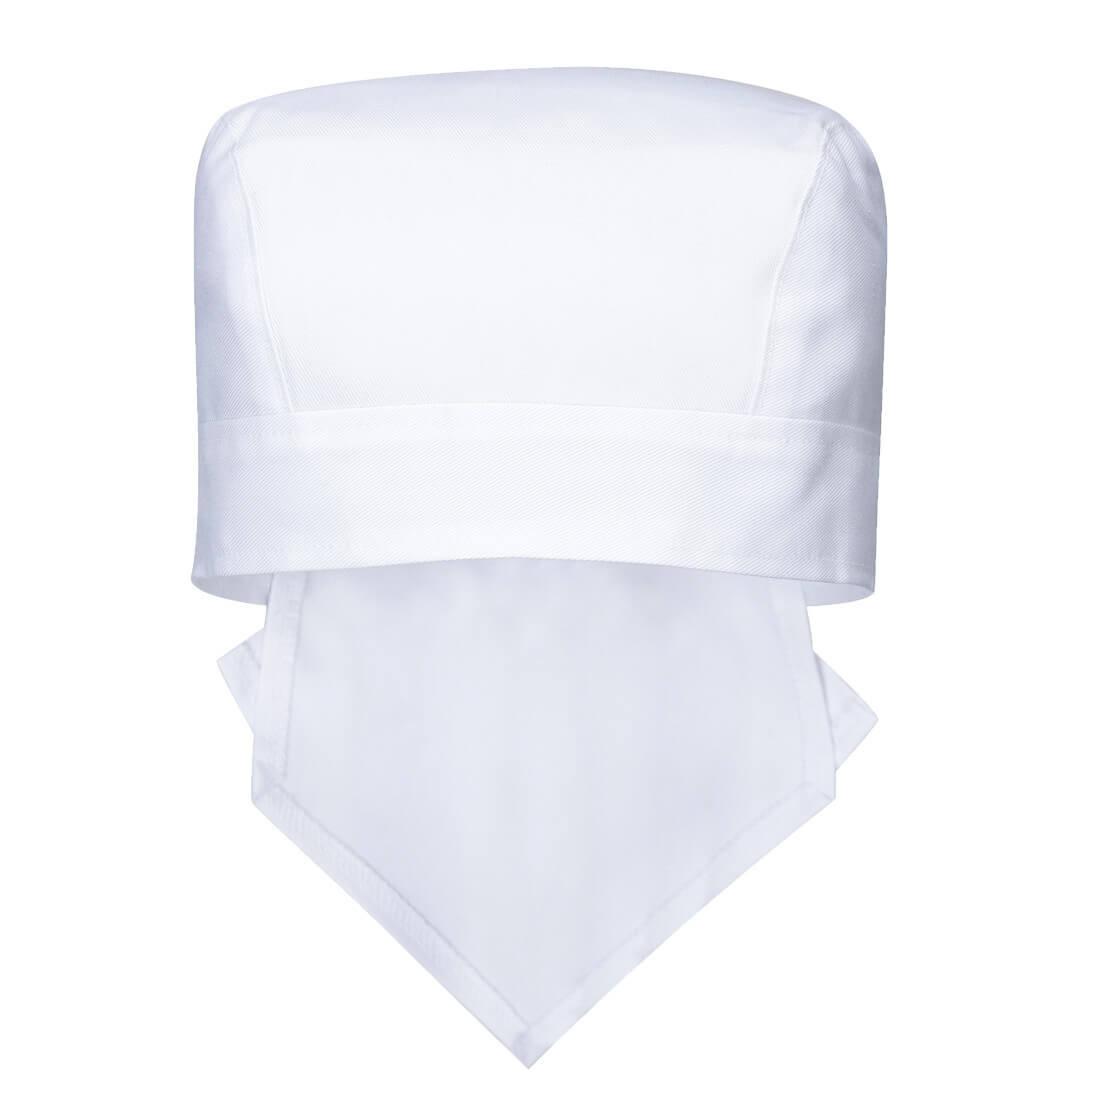 Bandana Bucatar - Imbracaminte de protectie